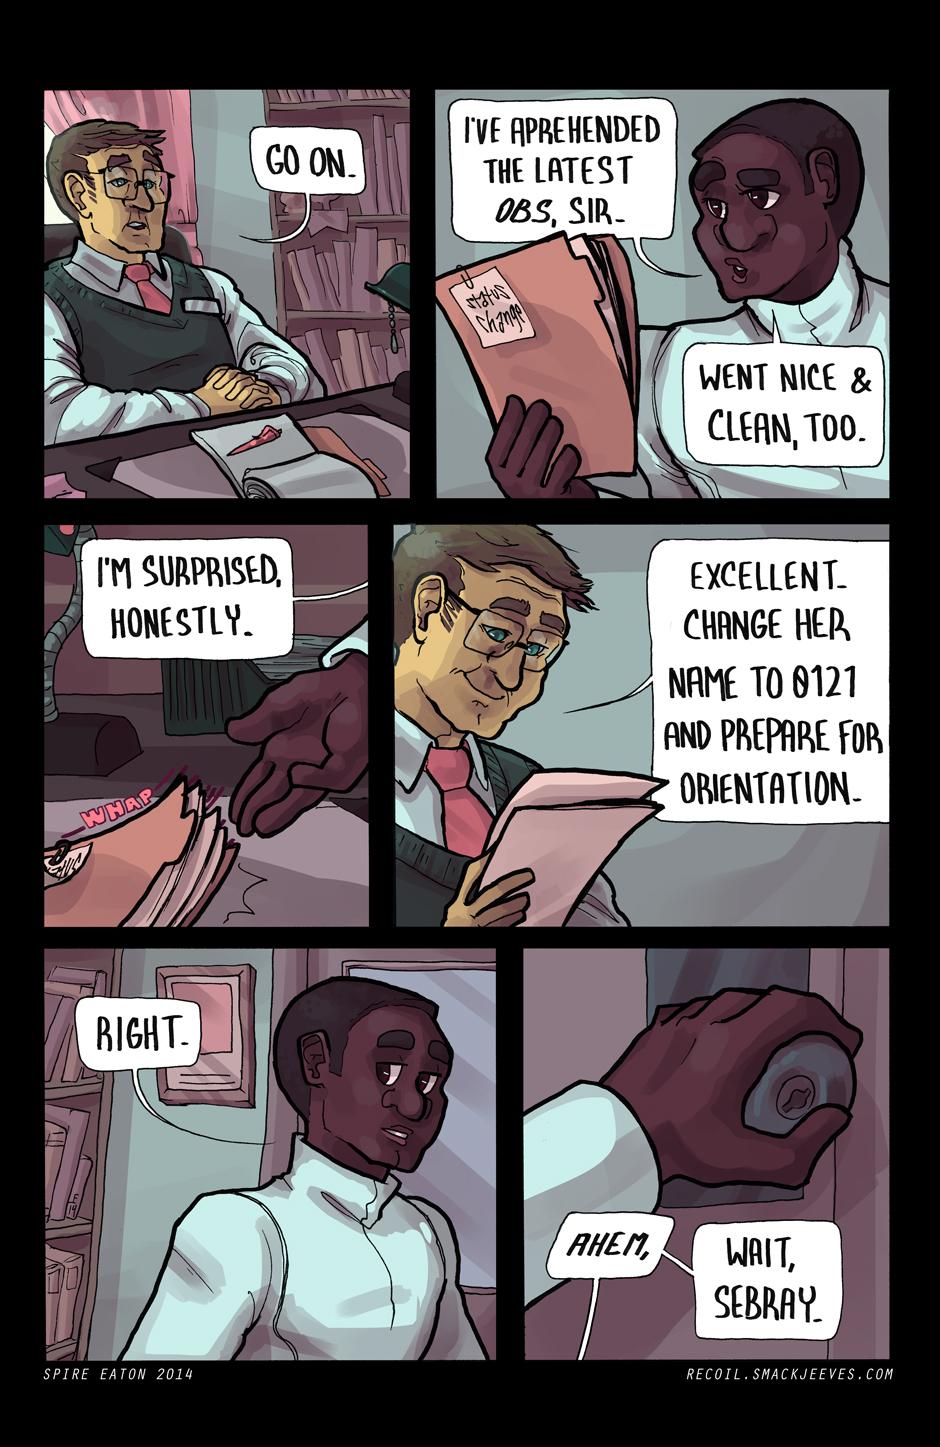 c0 p2